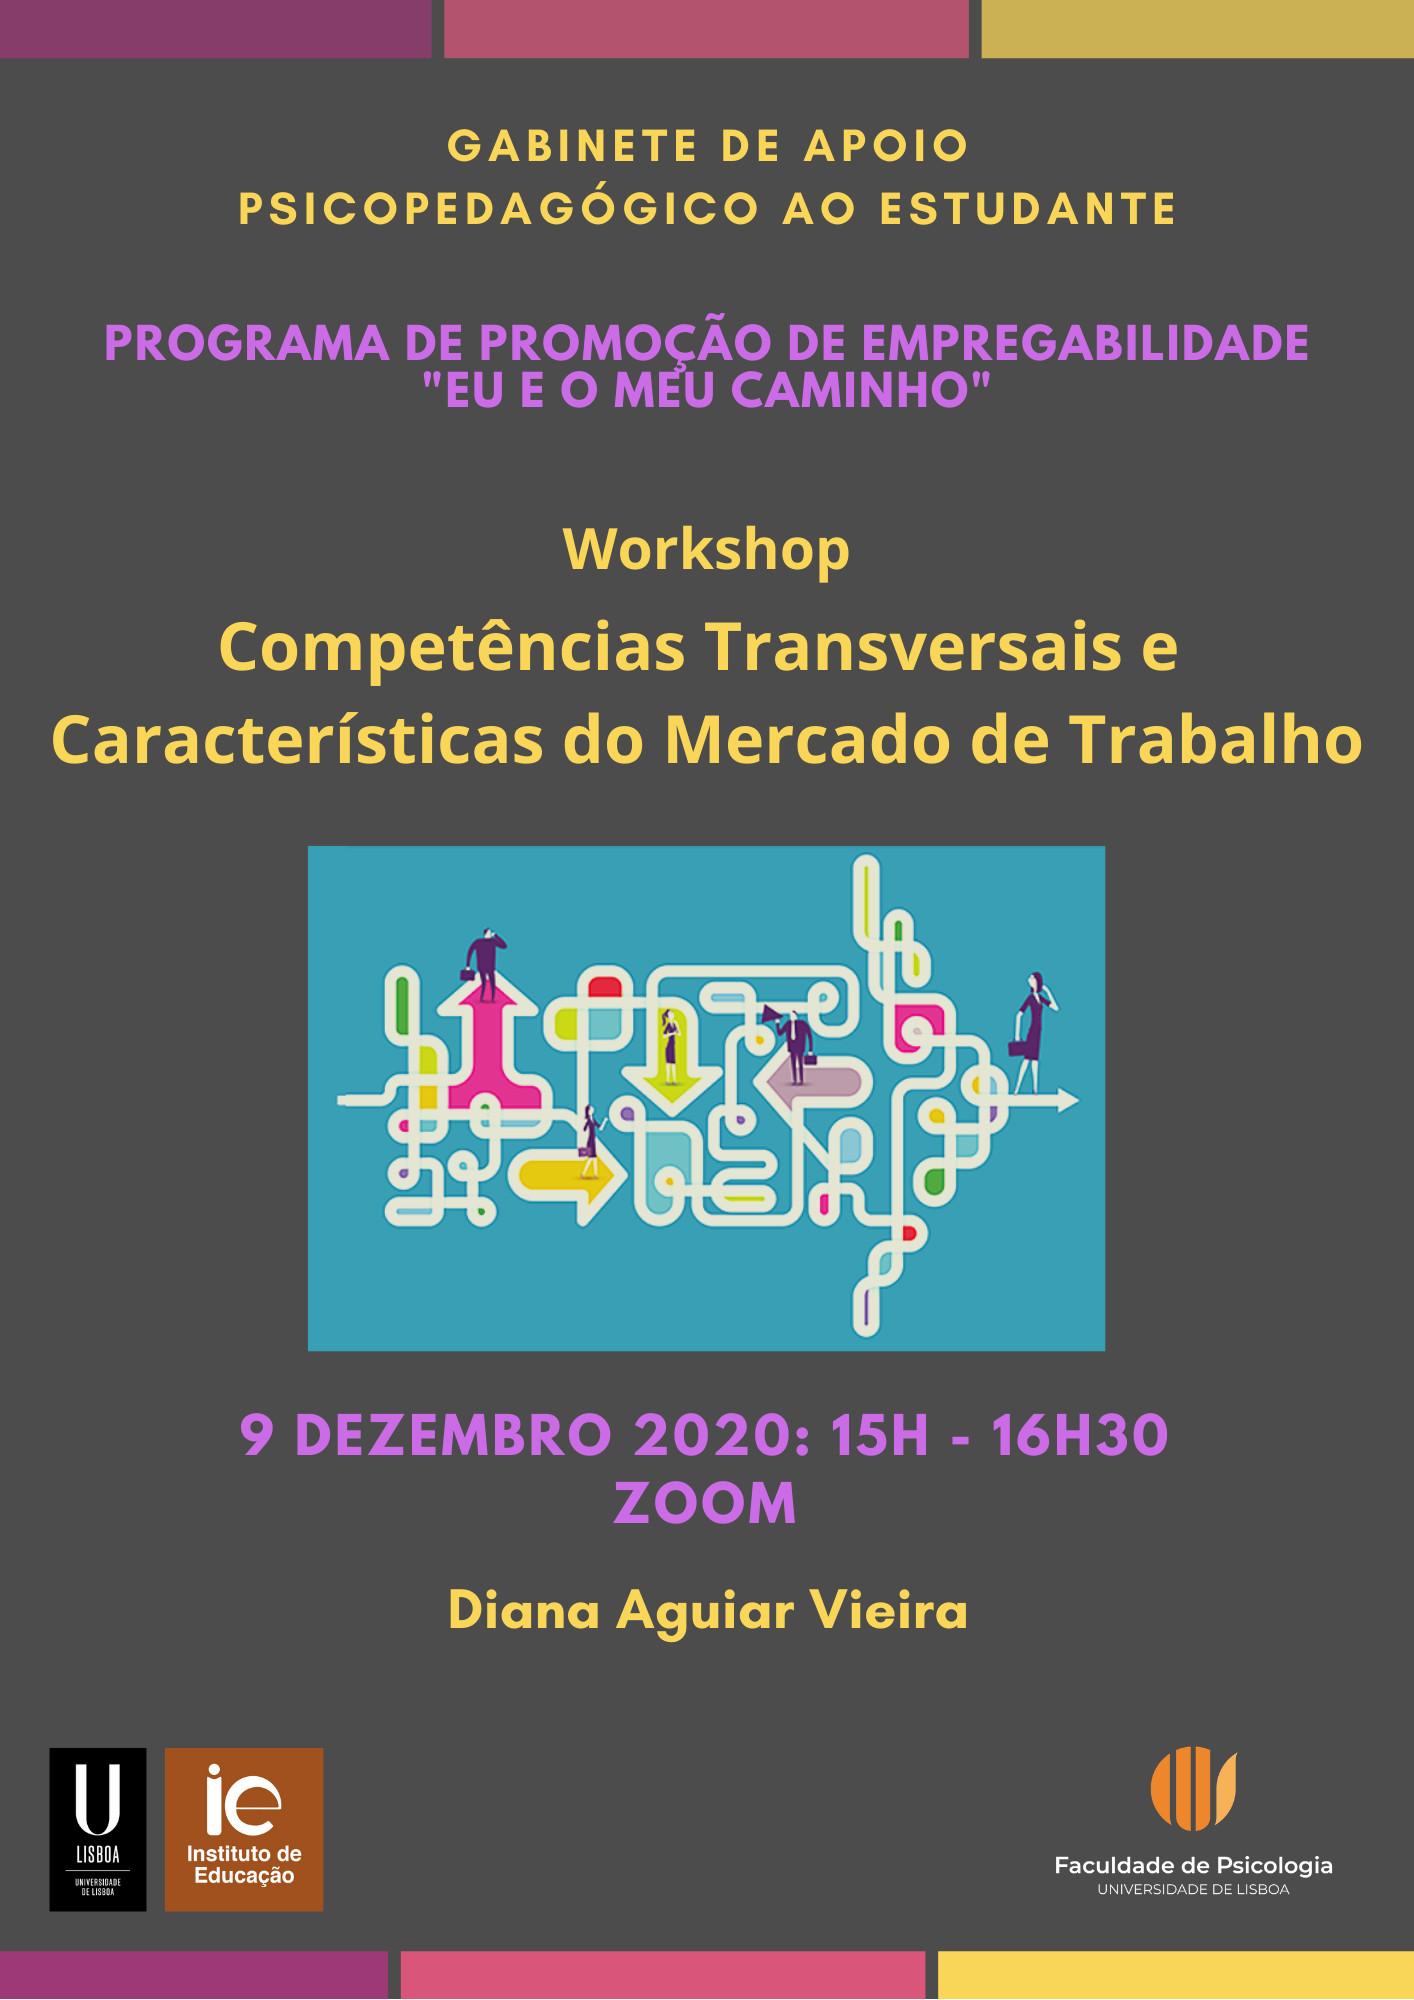 Workshop Competências Transversais e Características do Mercado de Trabalho